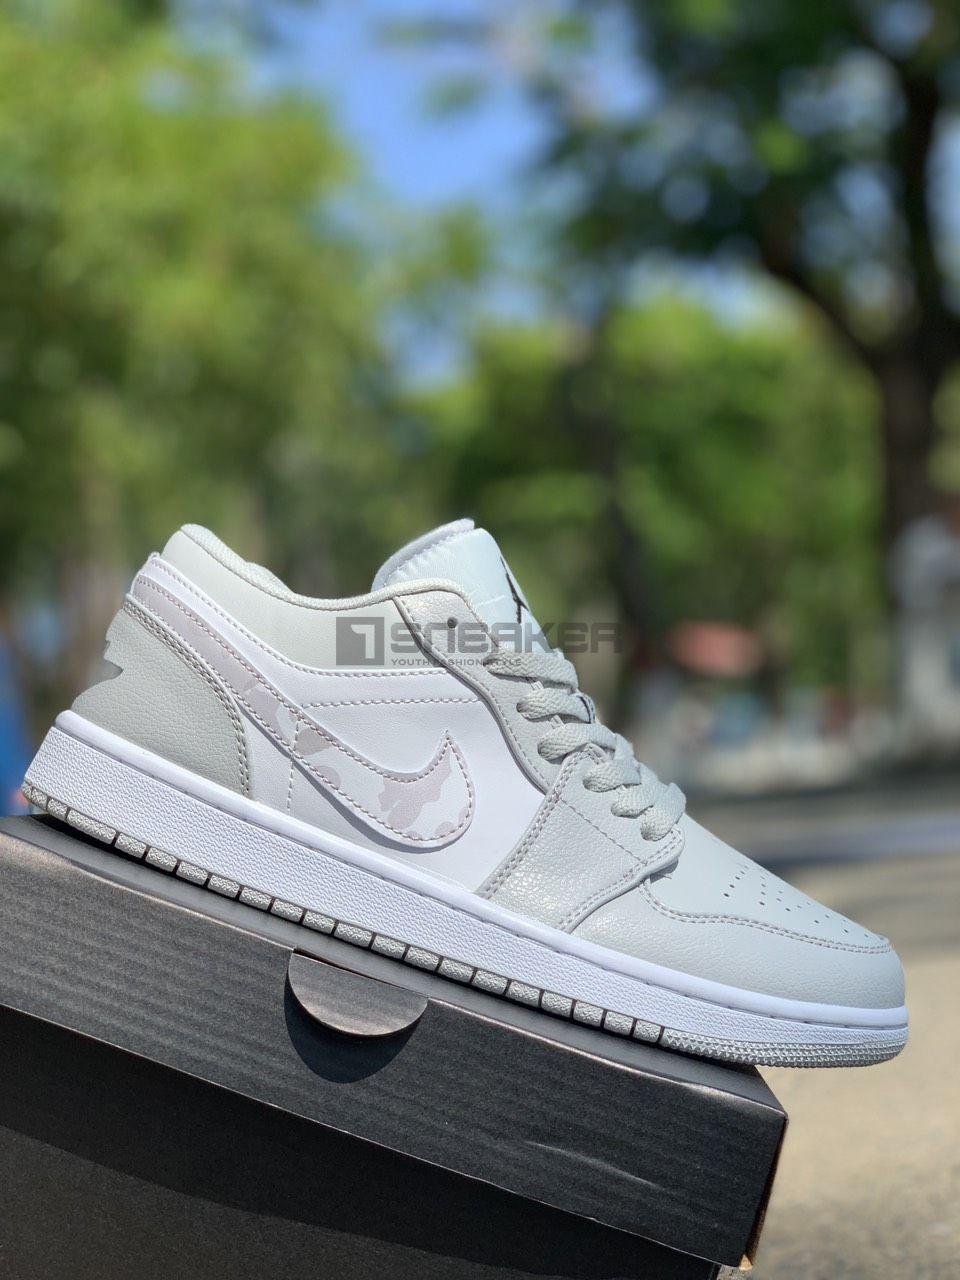 Nike Air Jordan Trang 1 Low Triple White REP 11 8 1